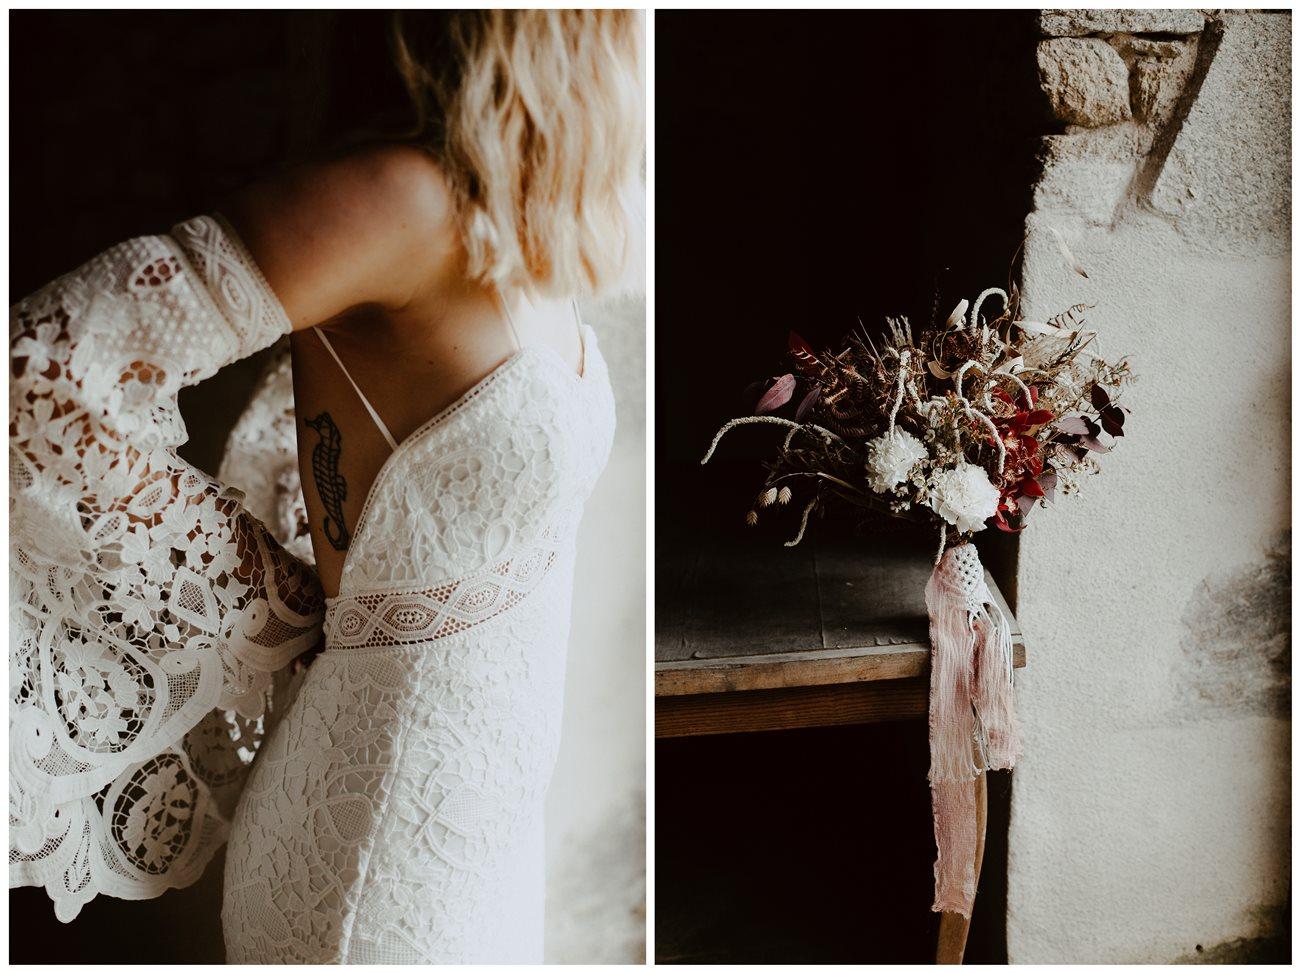 mariage folk détail robe bohème Kamelion bouquet fleurs hiver Folie Douce Flower